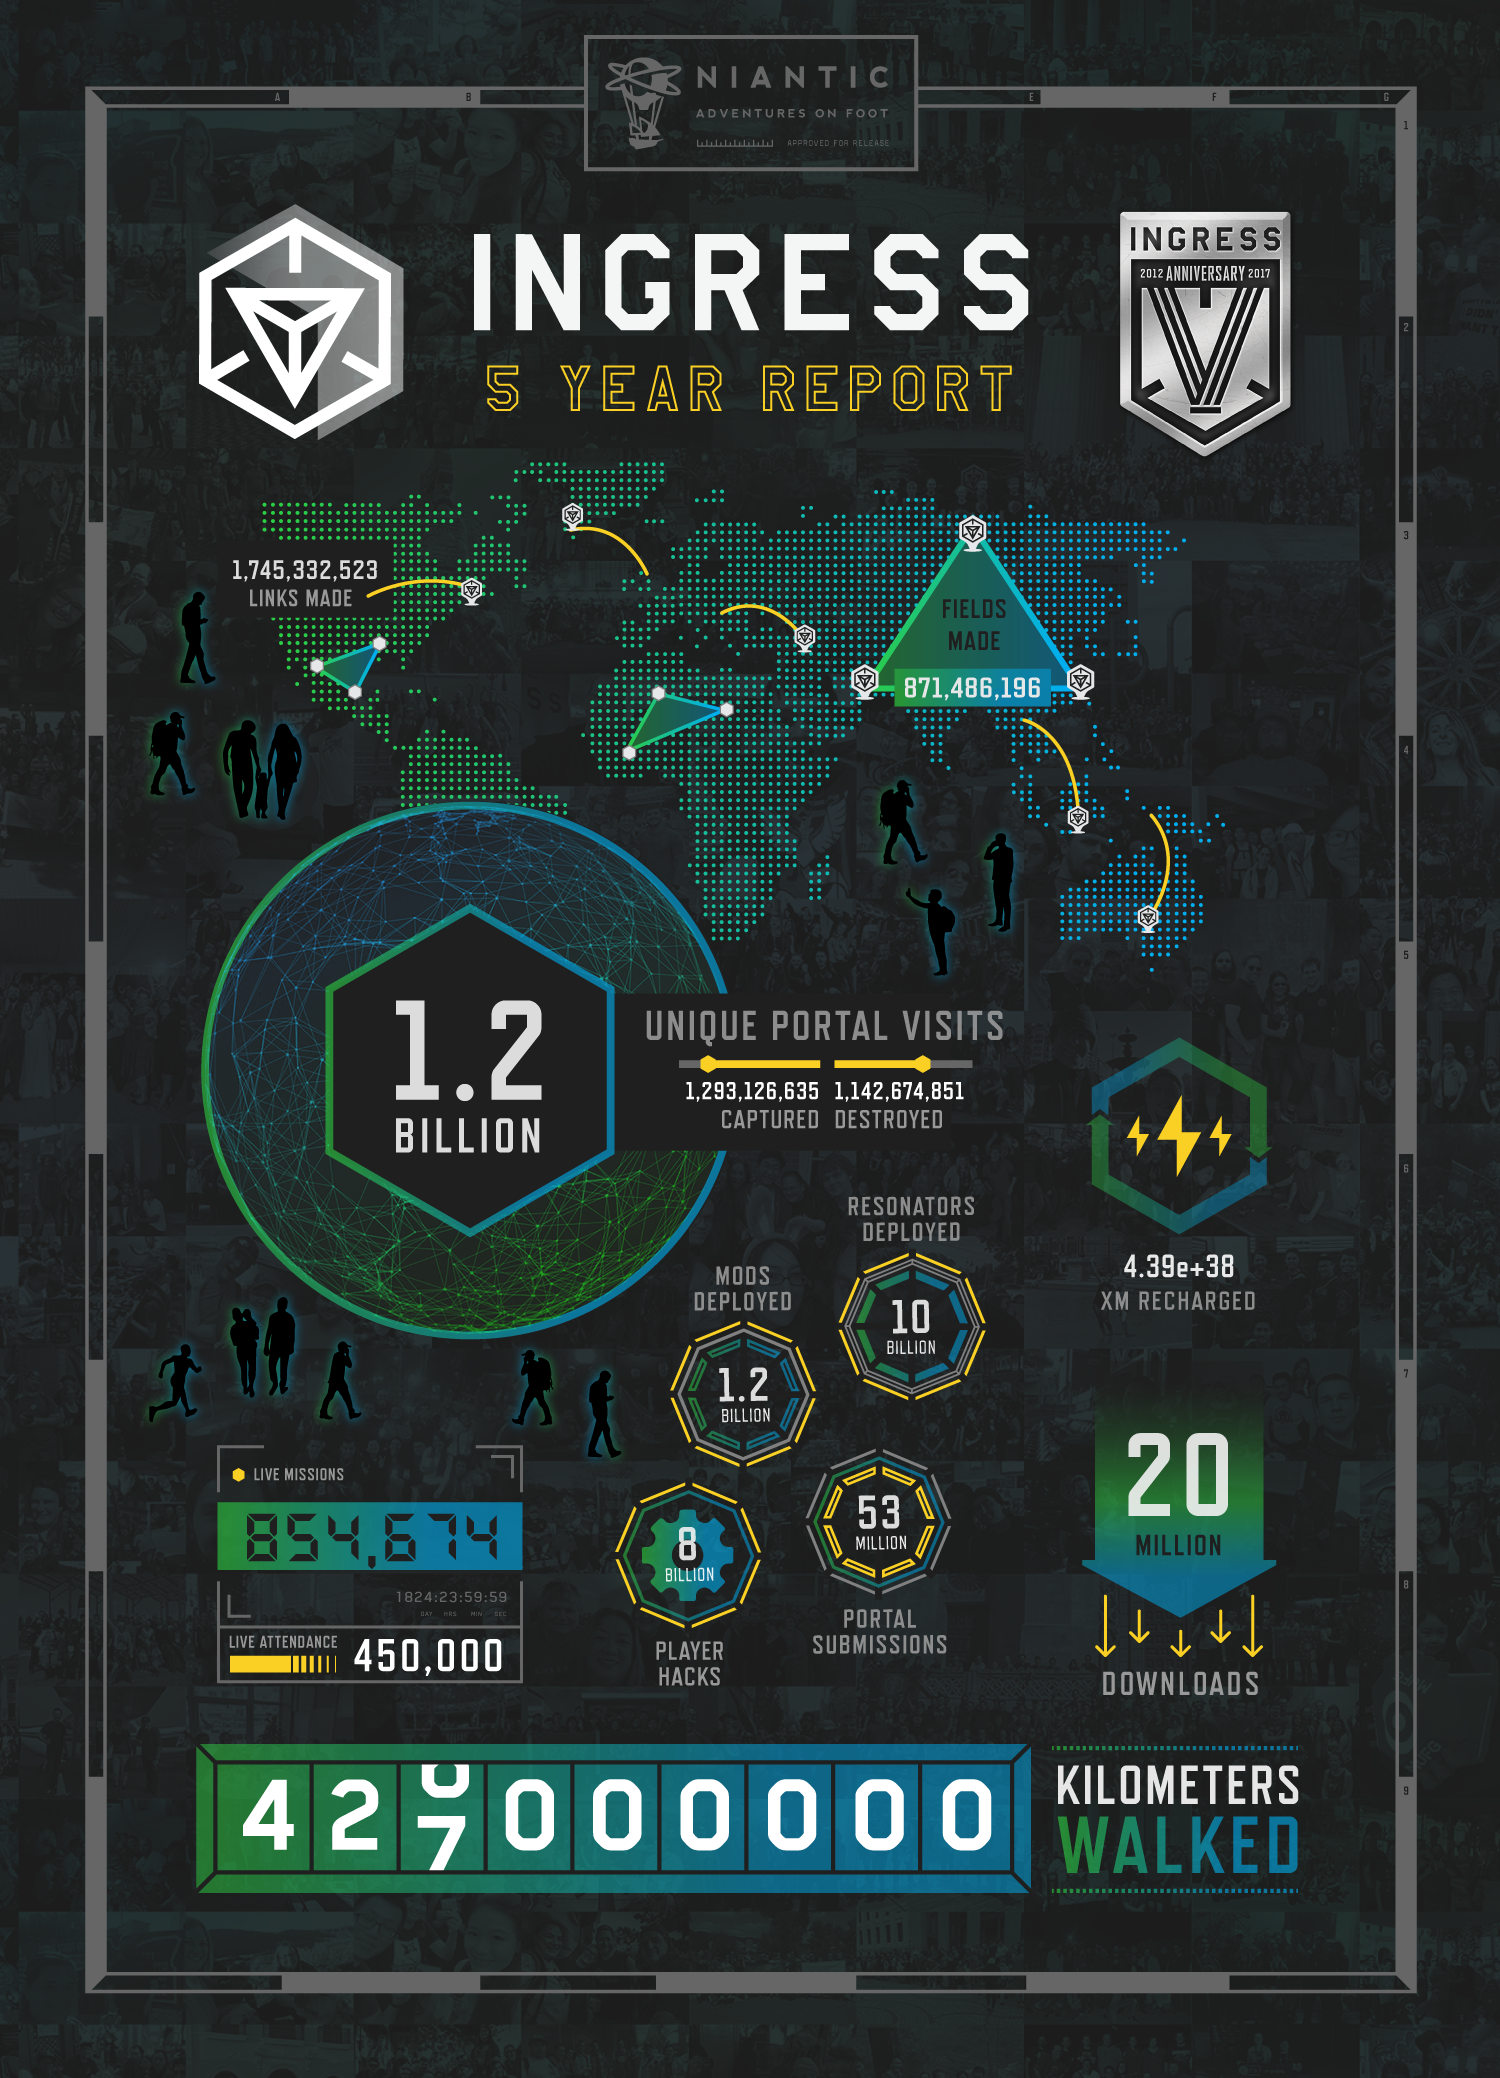 http://ingress.lycaeum.net/2017/11/ING-Infographic-Final-11.21-1.png